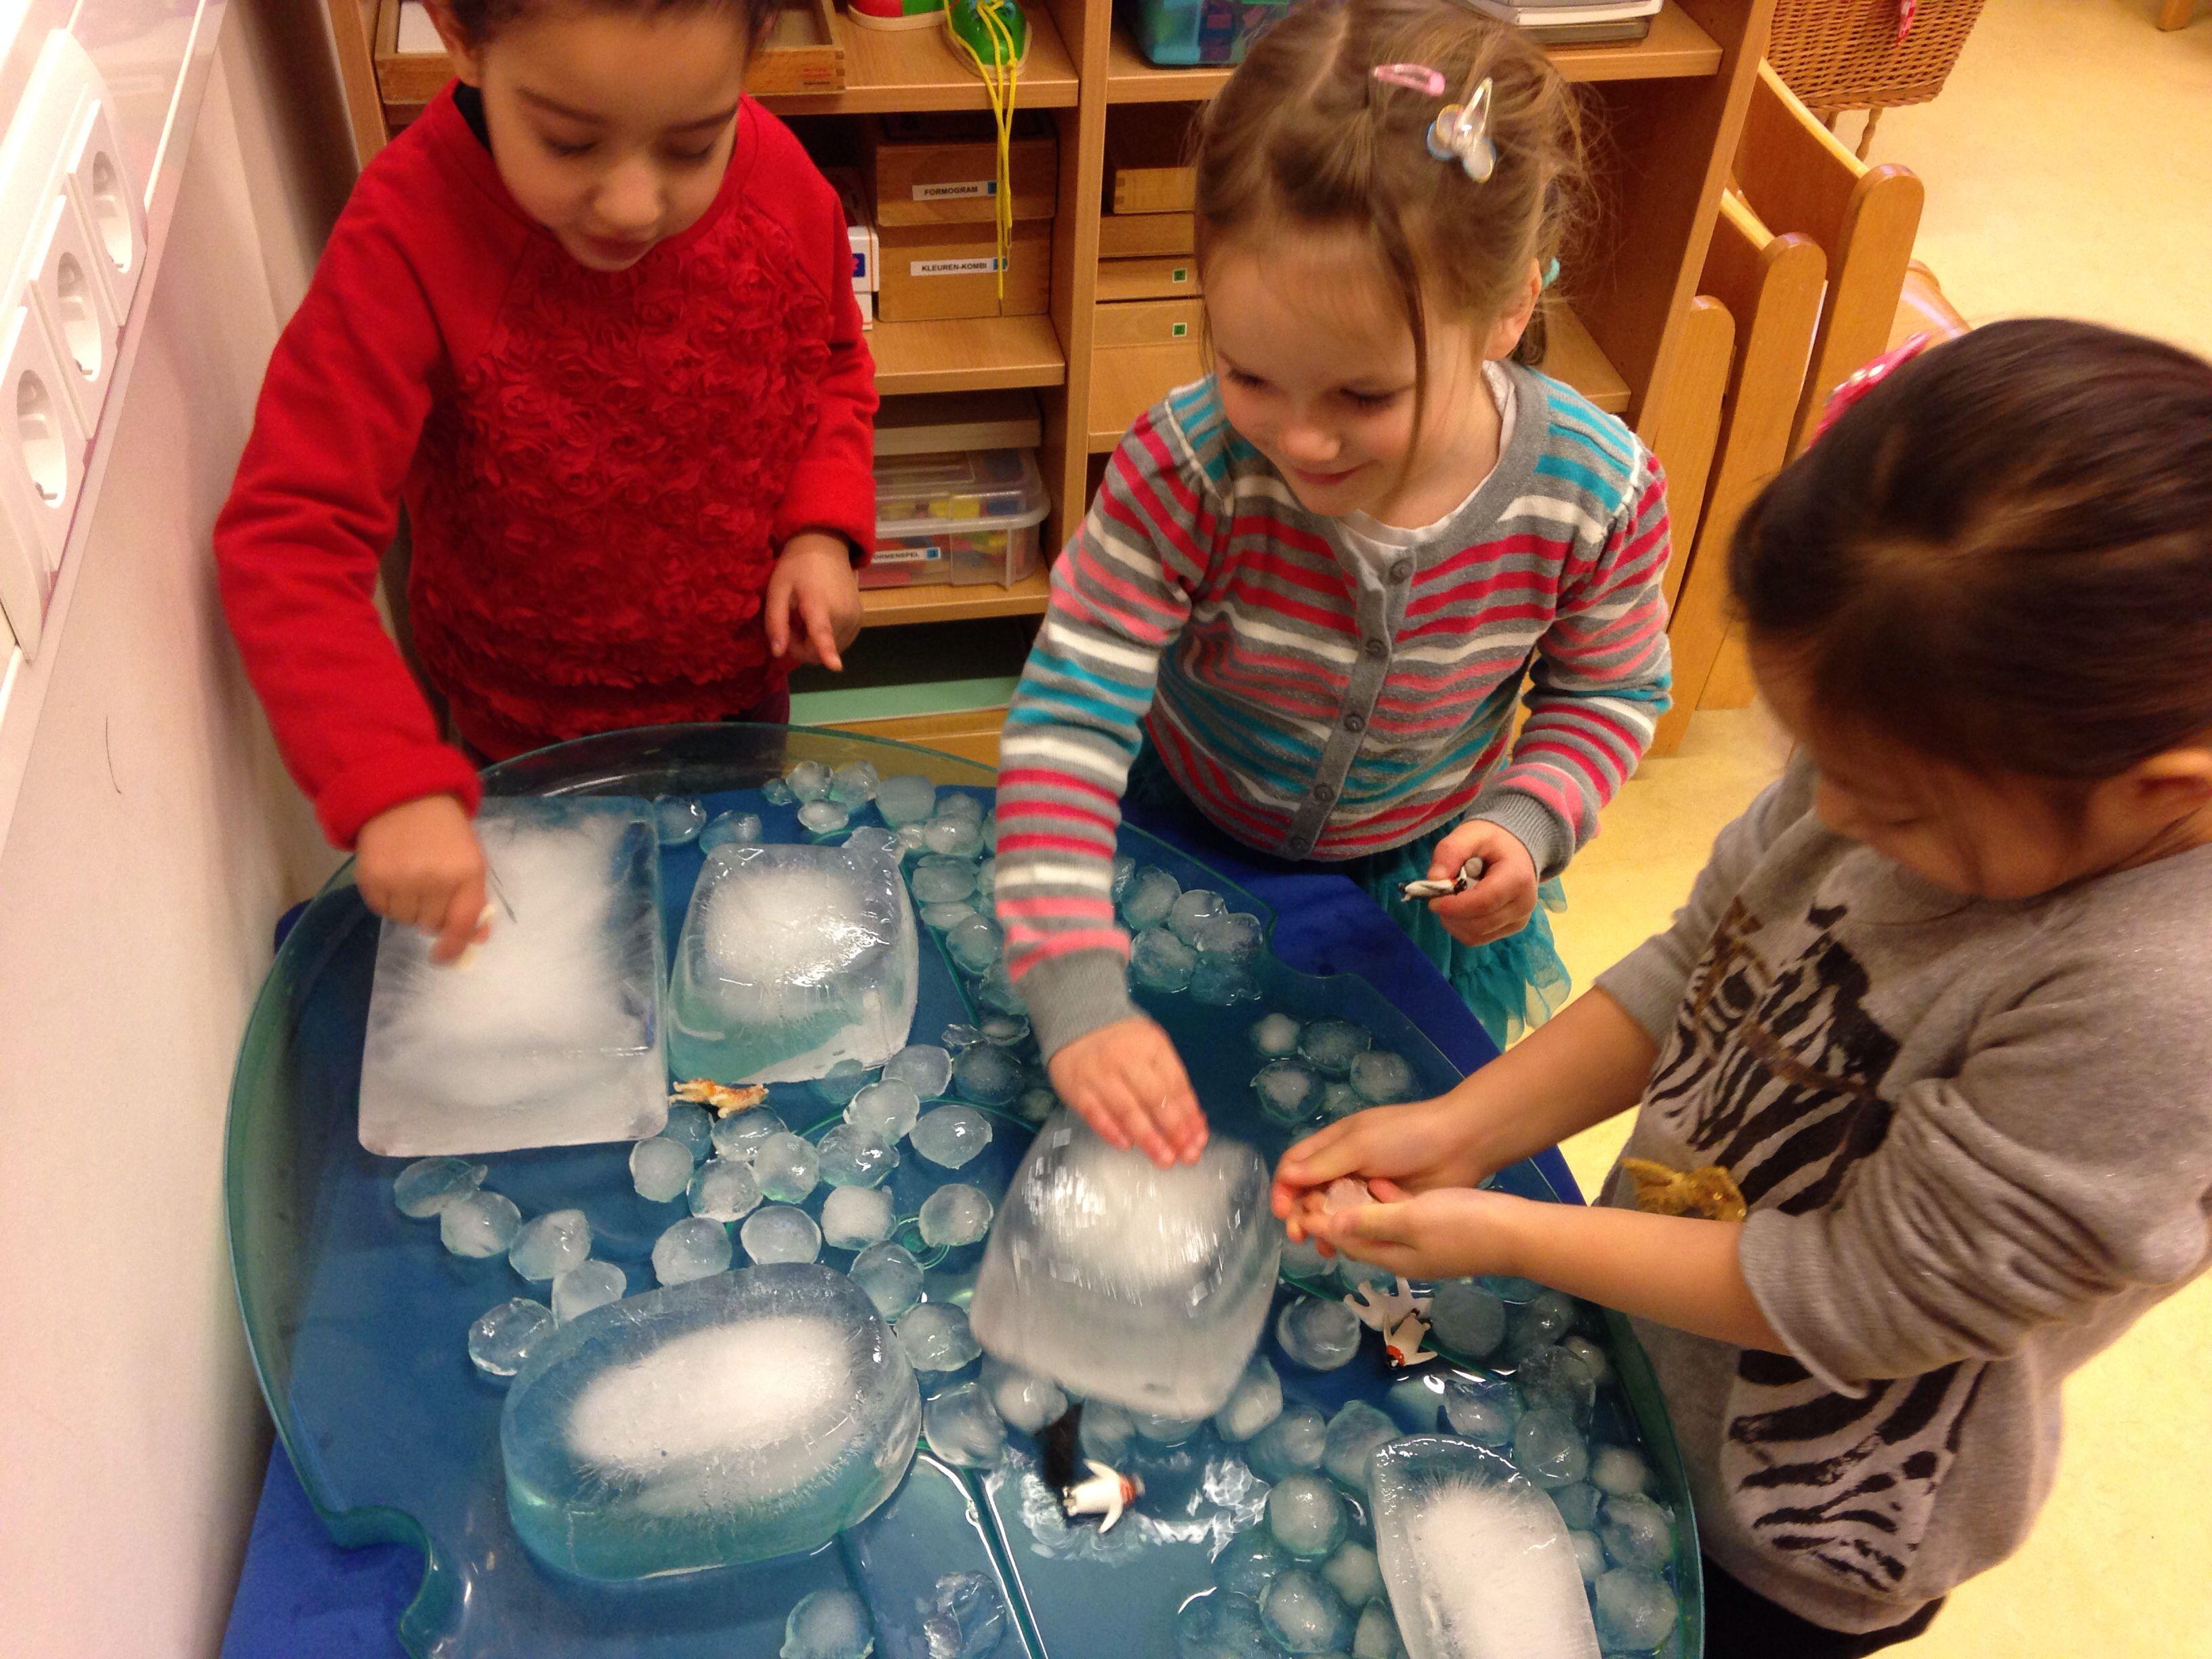 Ervaren hoe koud en glad ijs is? Een ijstafel in de klas zorgt voor veel speelplezier. Vries bakken water in, zoek wat pooldieren en de ijspret kan beginnen. #themawinterpeuters